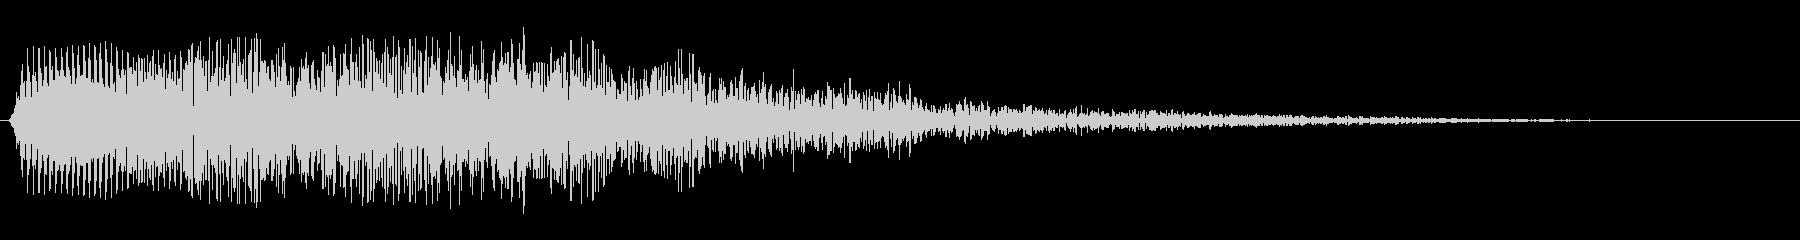 タラタラ〜ン(水の流れを感じる効果音)の未再生の波形